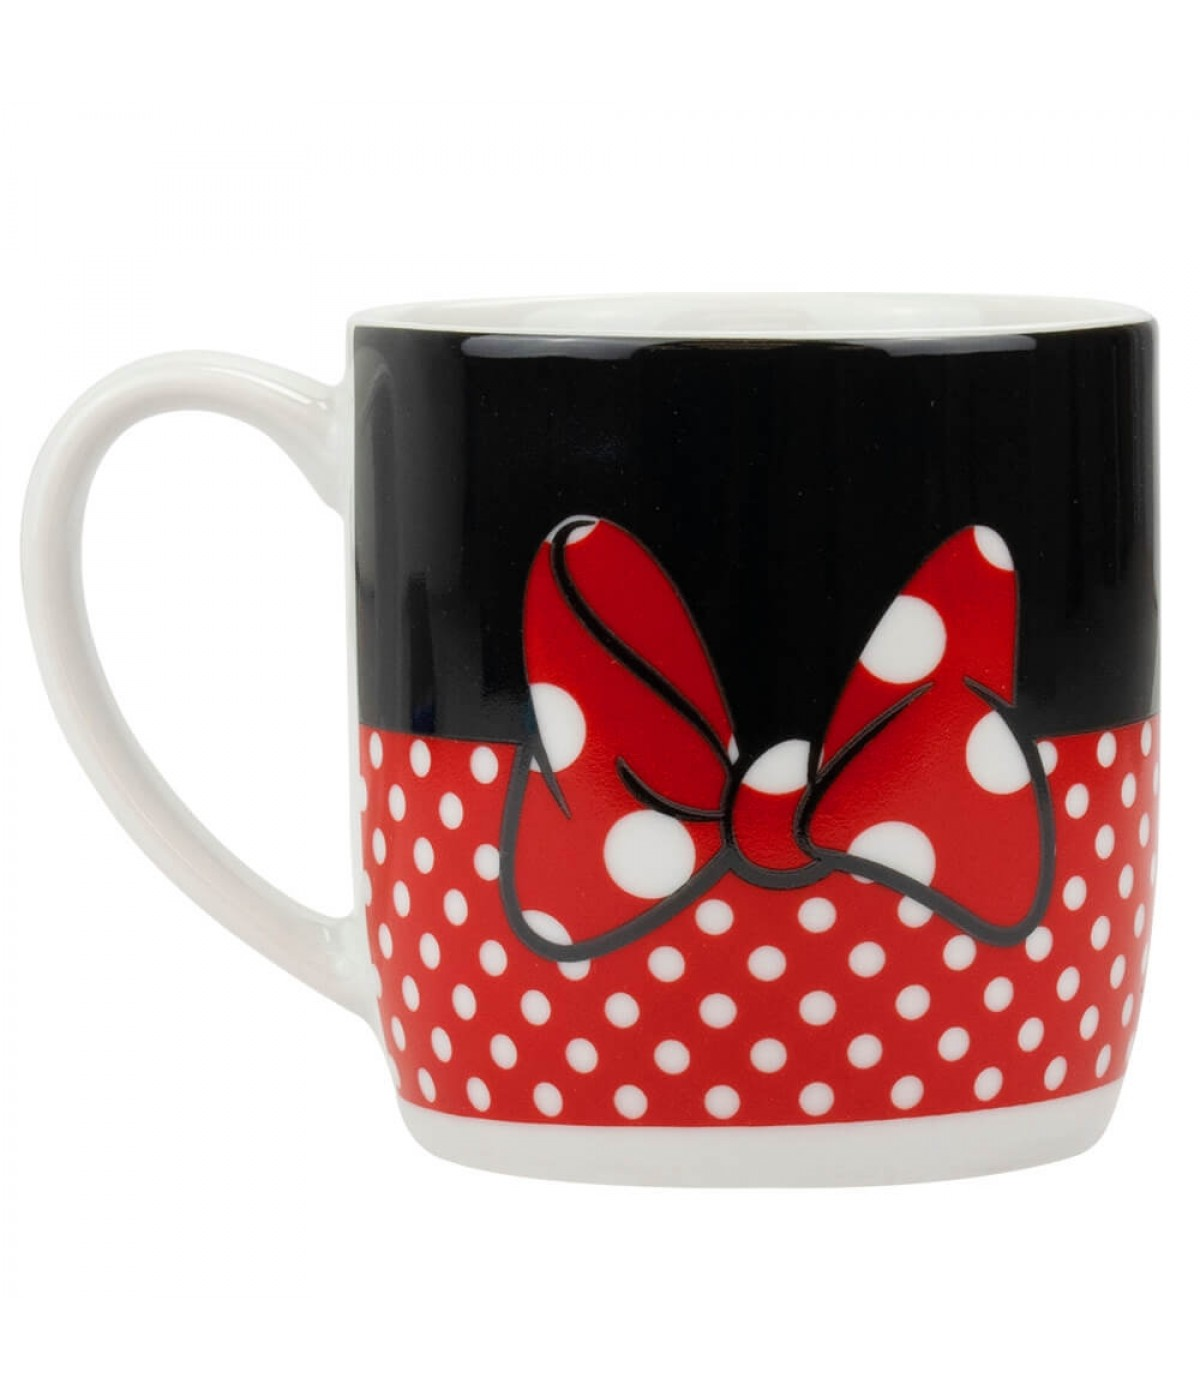 Caneca Porcelana Minnie 300ml - Disney